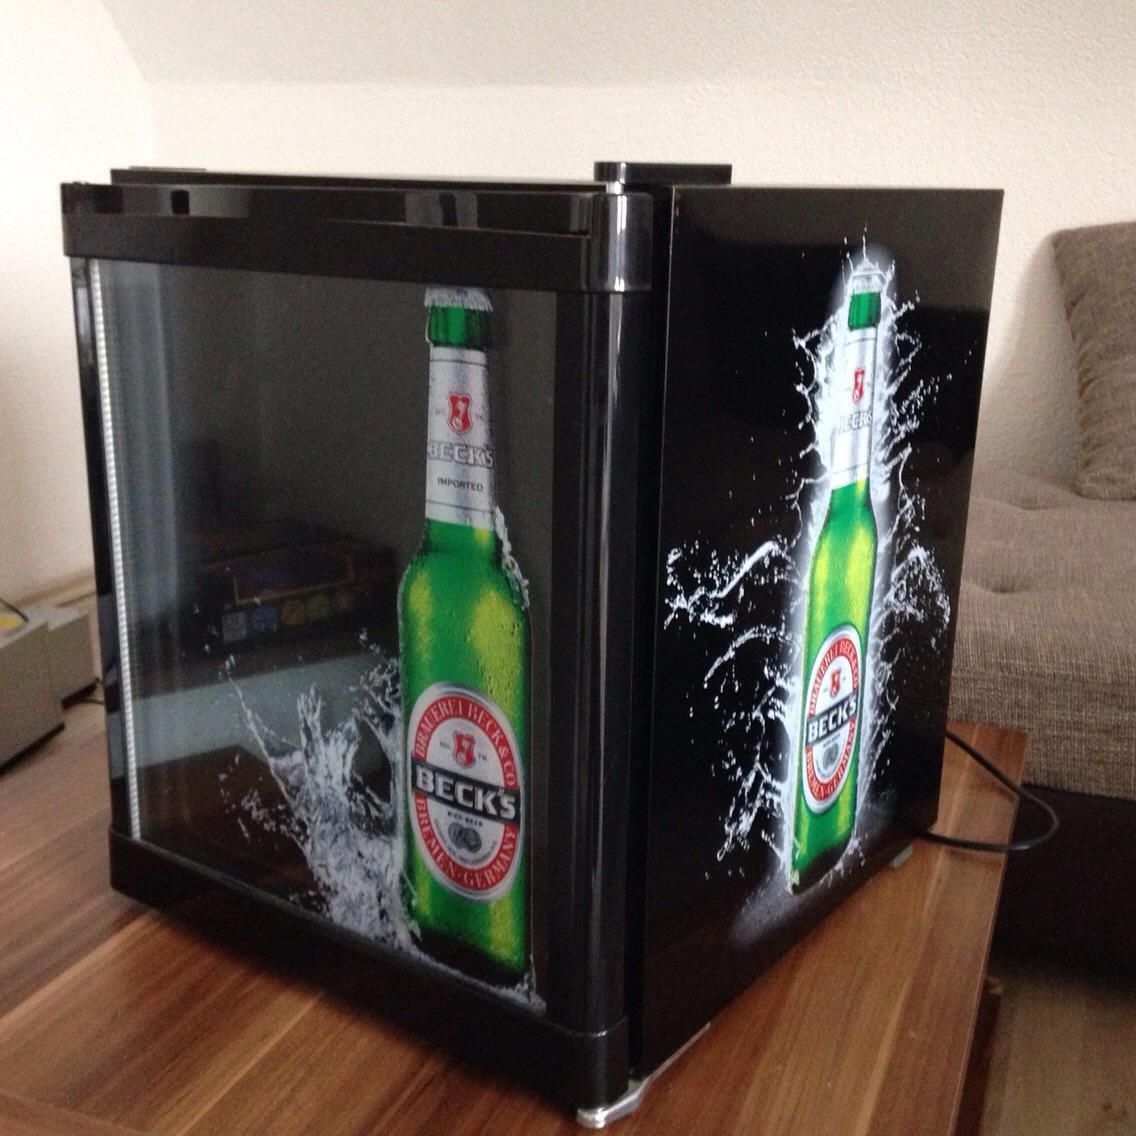 Kühlschrank Becks : Das sind die besten getränkekühlschränke mini kühlschrank guide